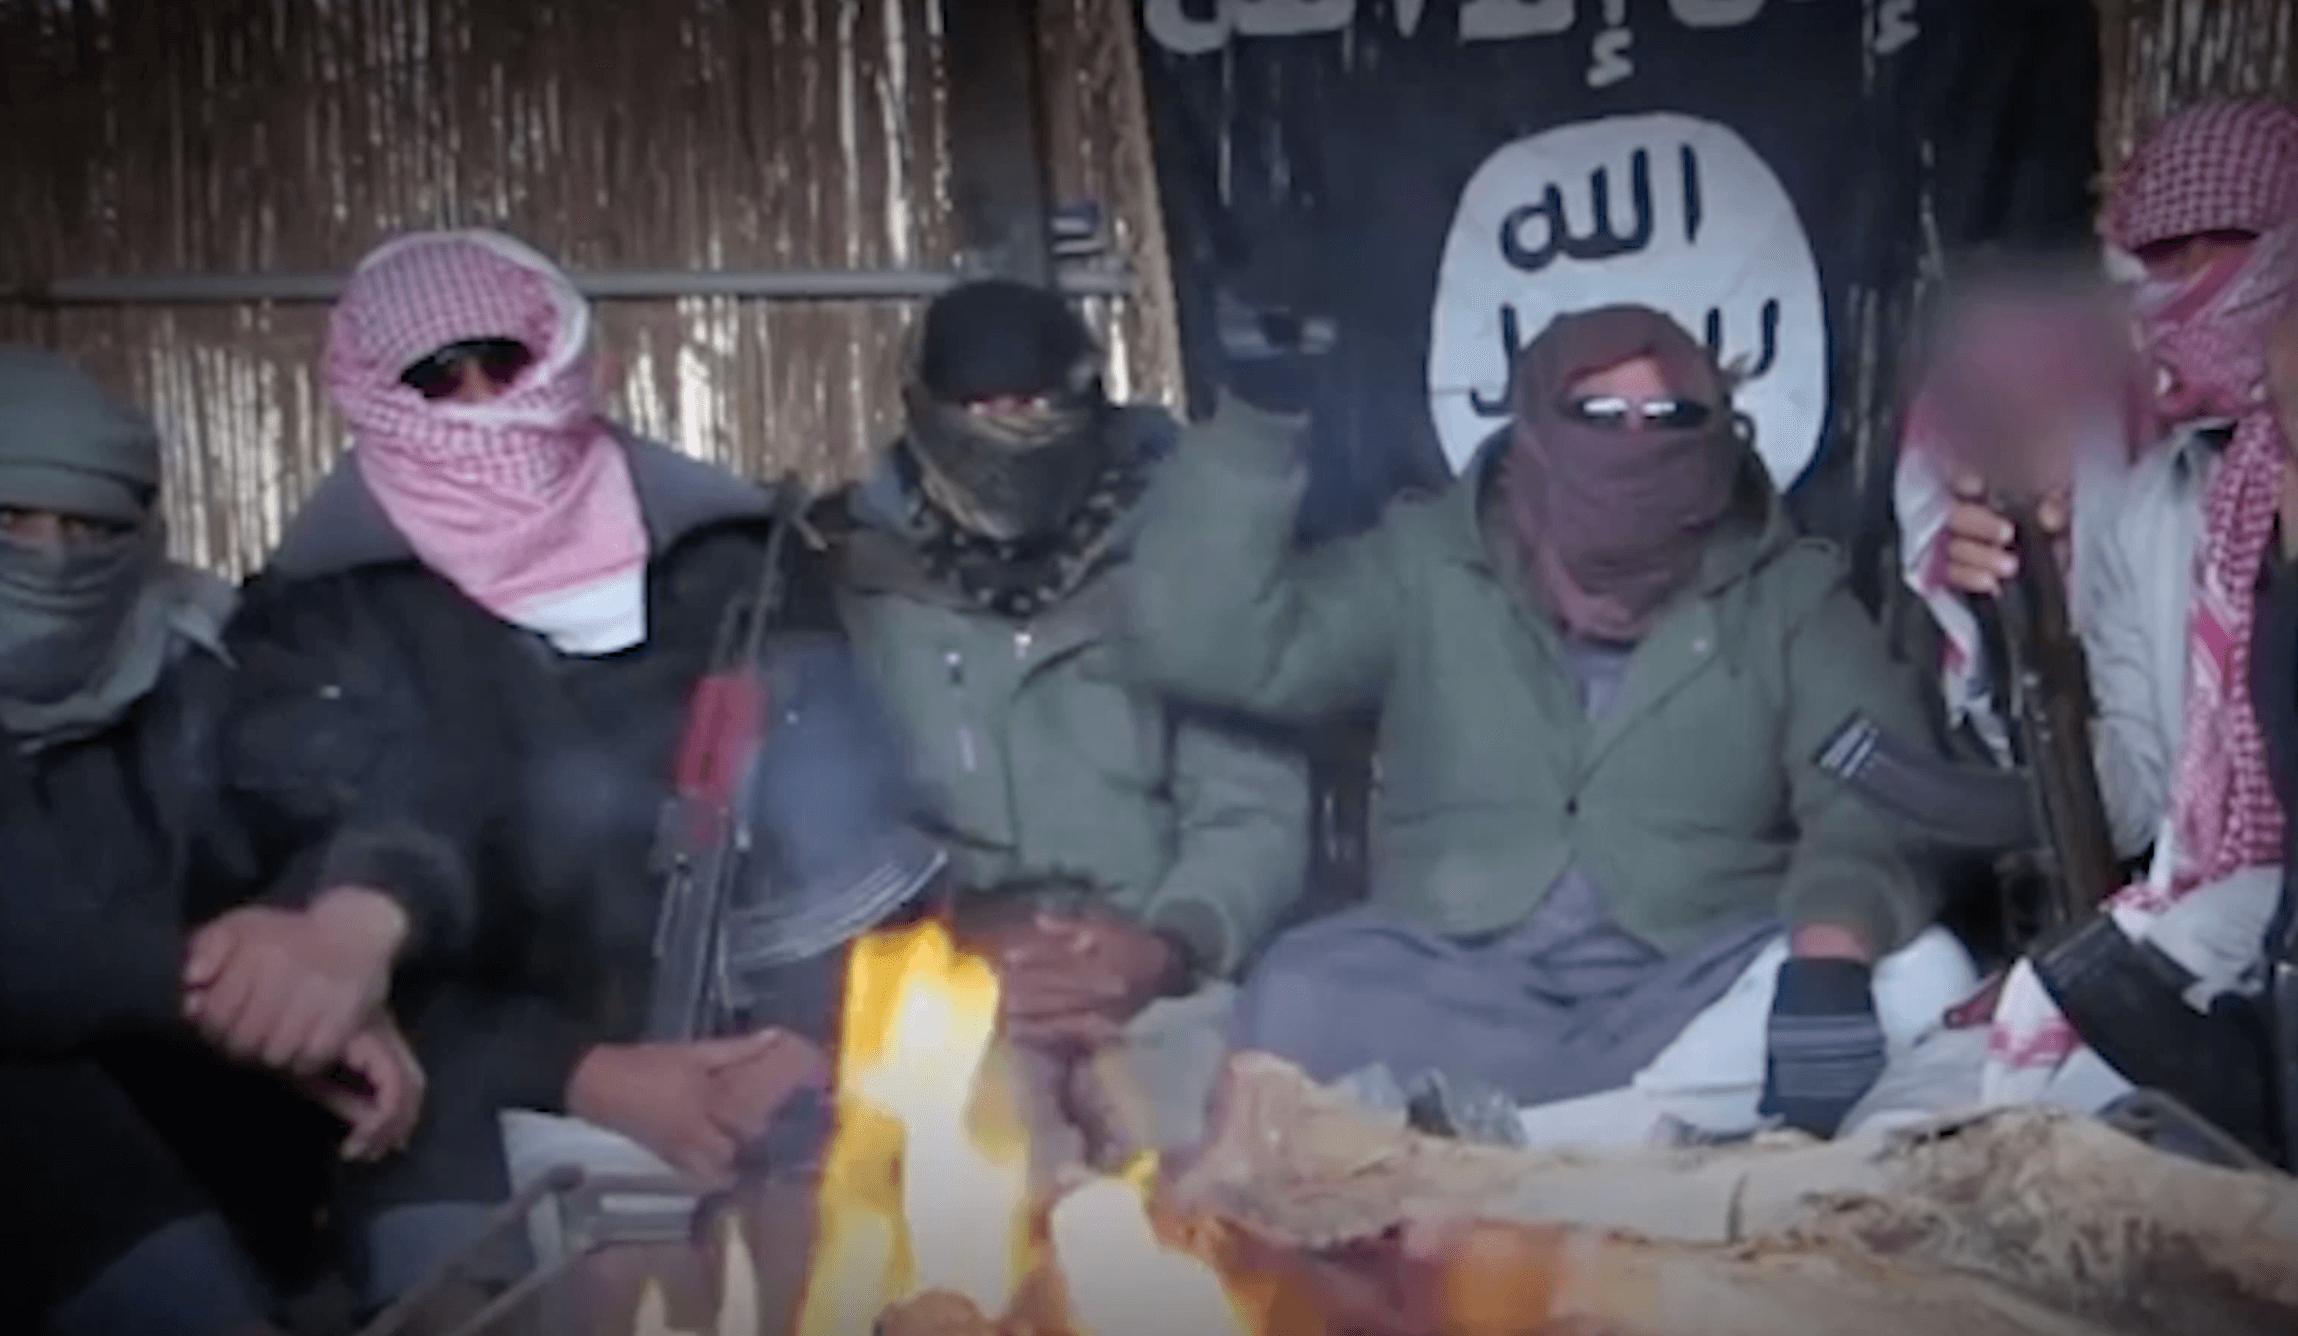 Georges The Belgian Jihadist